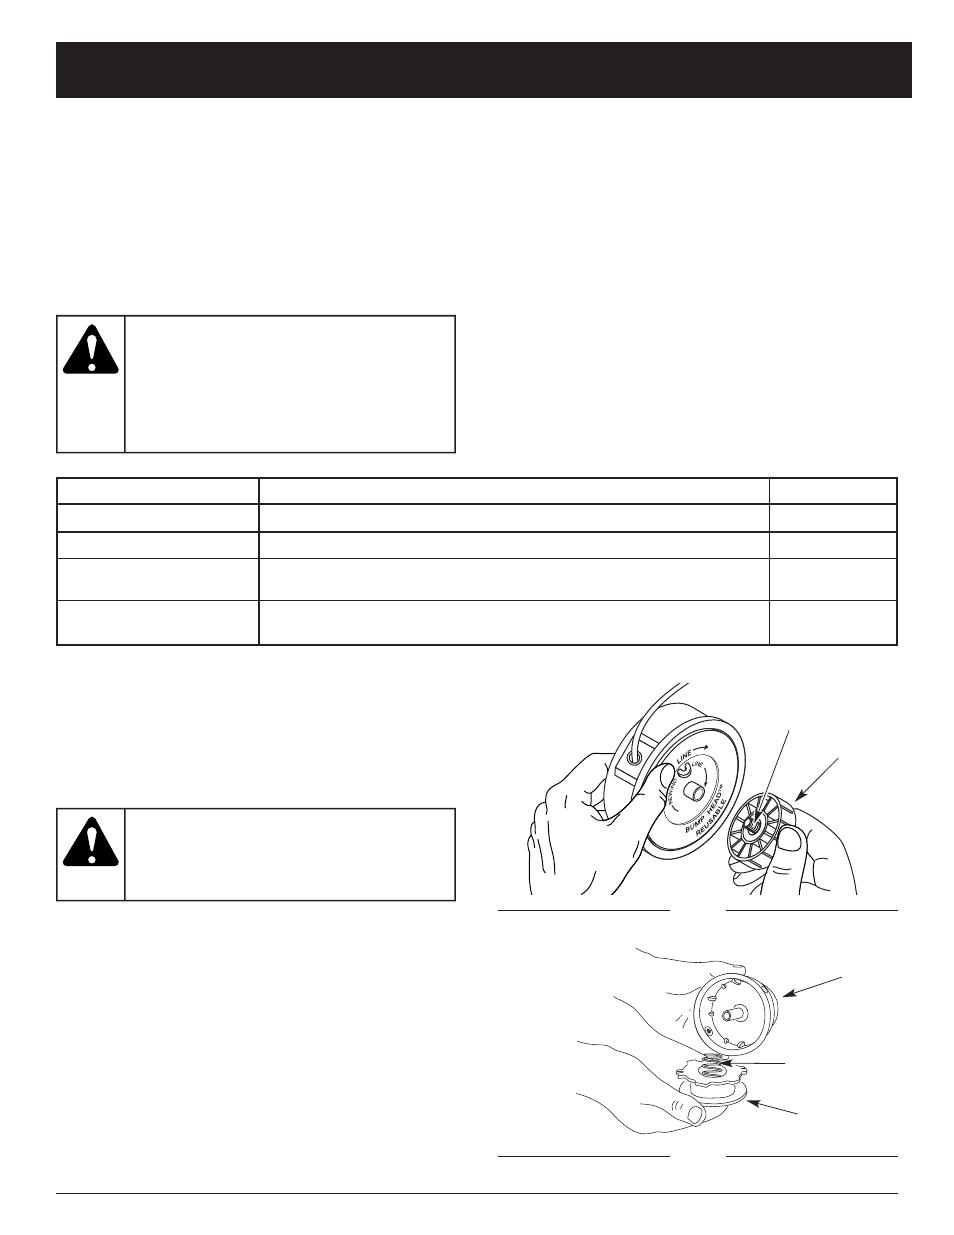 Advertencia, Instrucciones de mantenimiento y reparación